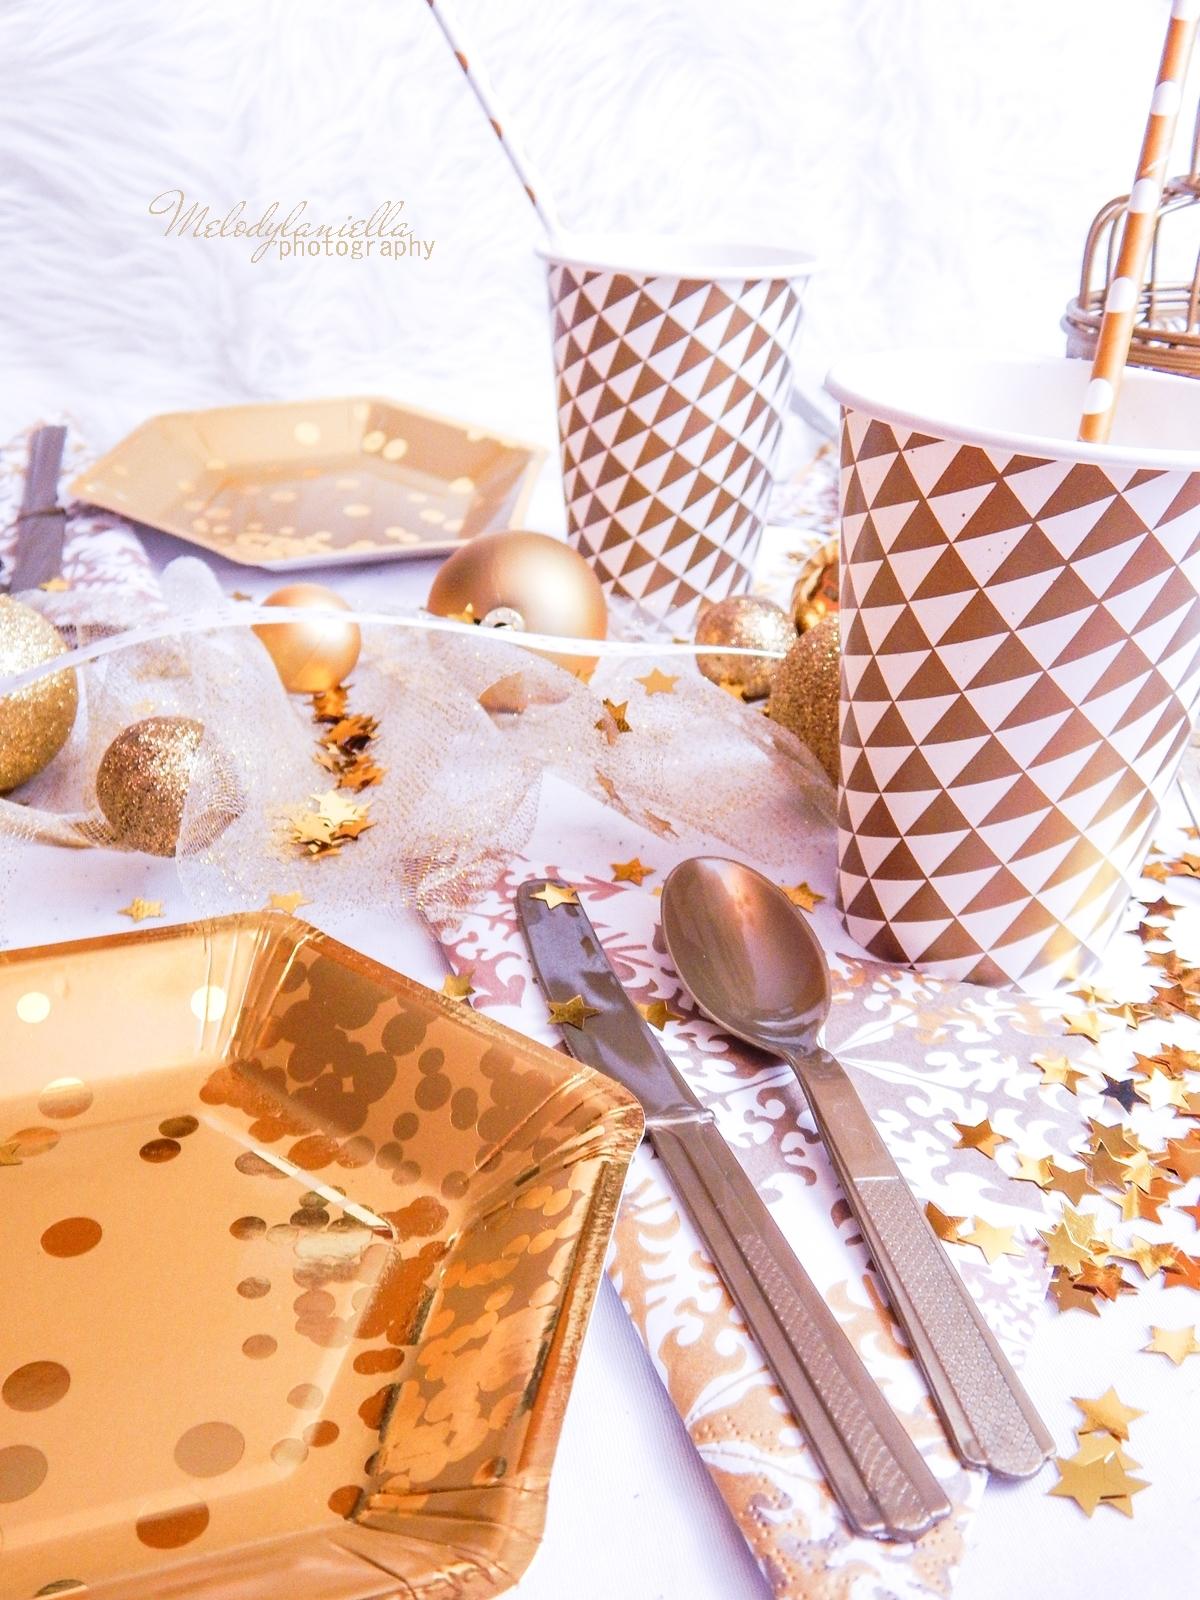 21 złote talerzyki papierowe efektowne i tanie dodatki do dekoracji imprez party urodziny ciekawe pomysły dekoracje domu mieszkania stołu